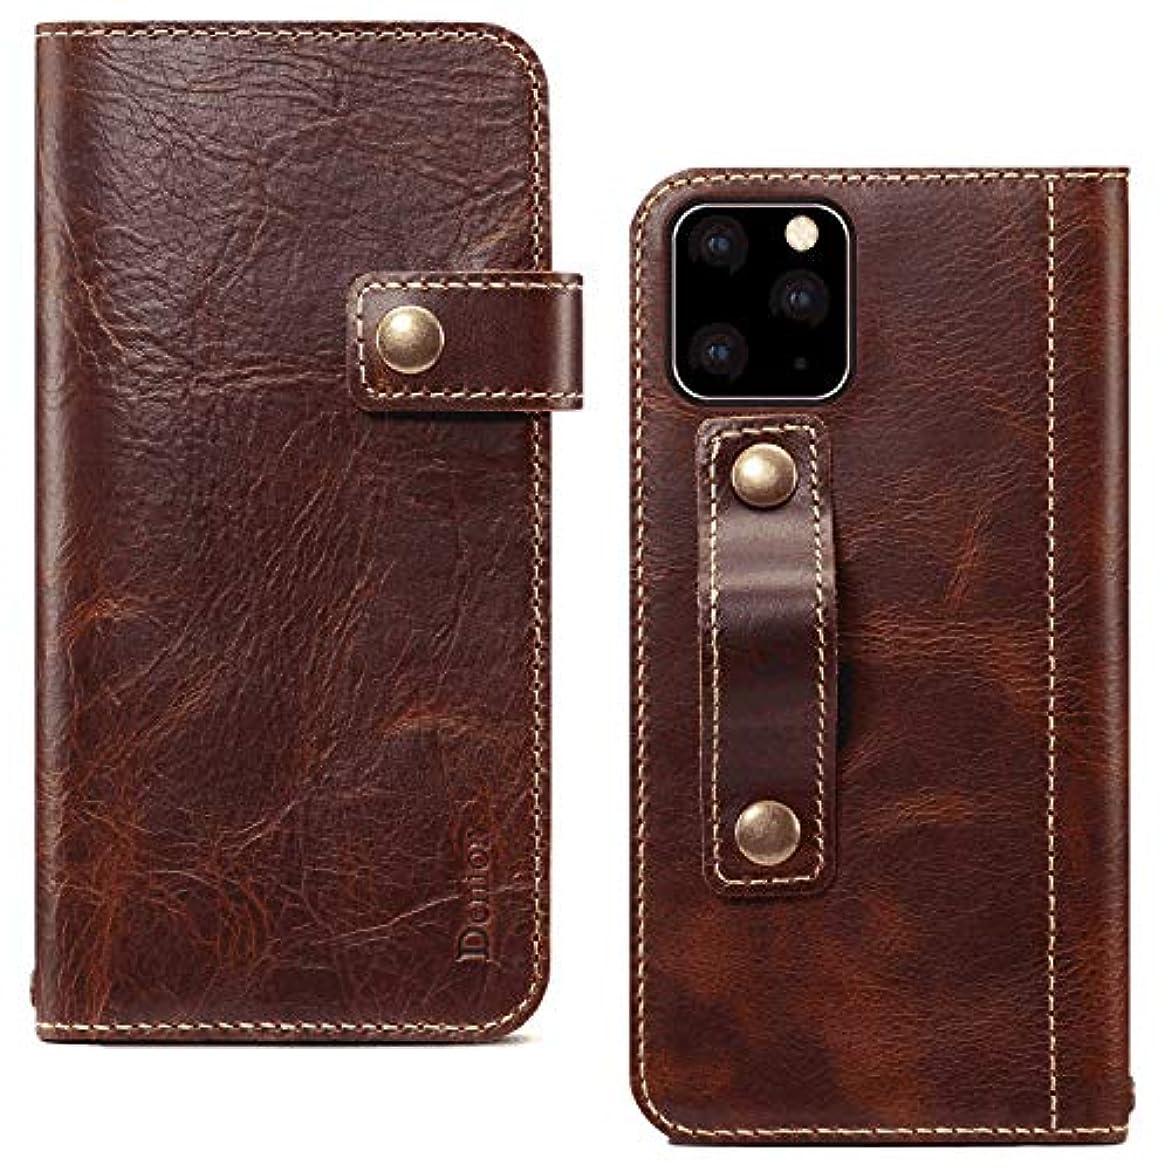 おクレタコイルPUレザー ケース 手帳型 対応 アイフォン iPhone XR 財布 カバー収納 防指紋 手帳型ケース 本革